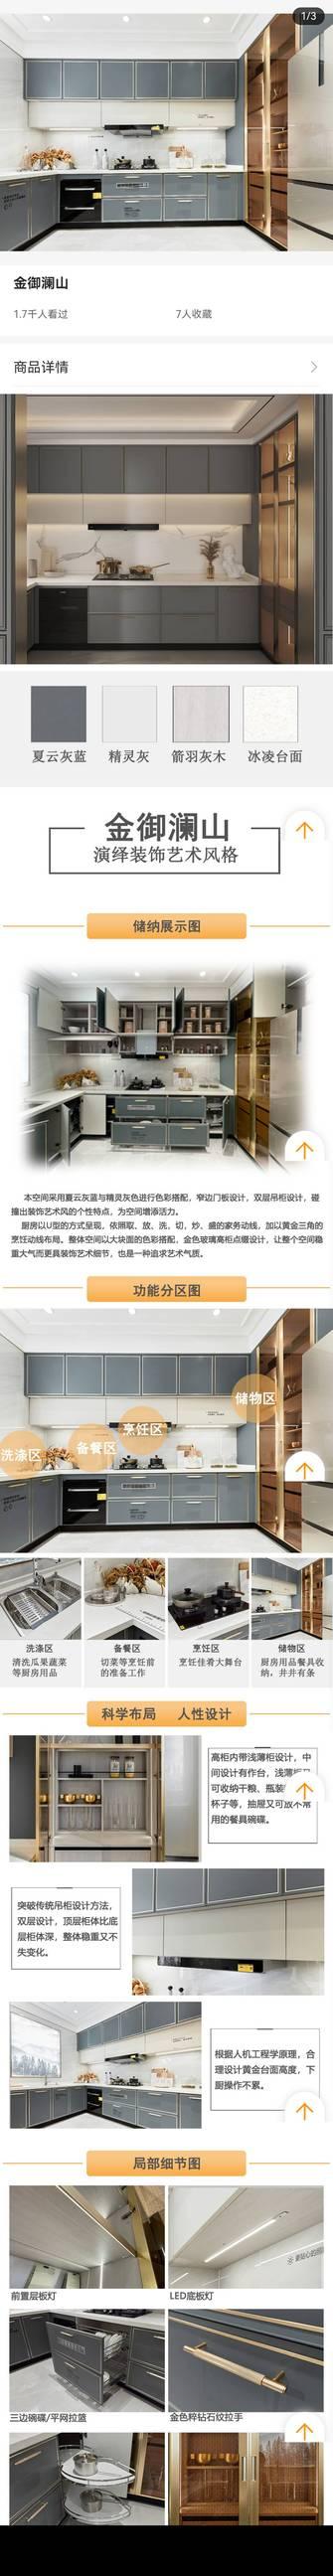 110平米法式风格厨房效果图